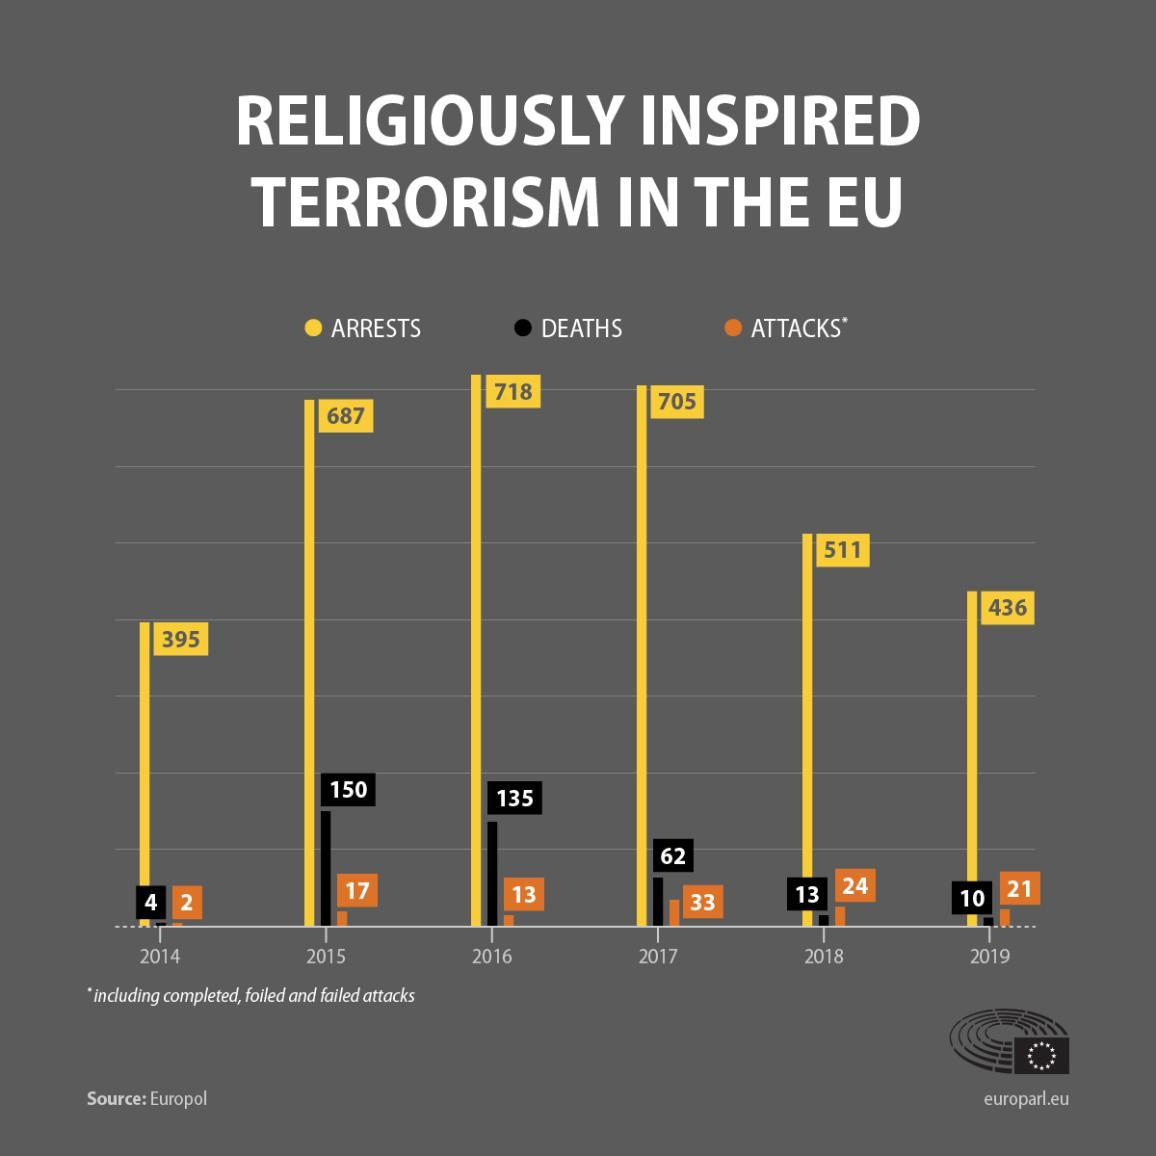 Infografija apie religiškai įkvėptą terorizmą ES